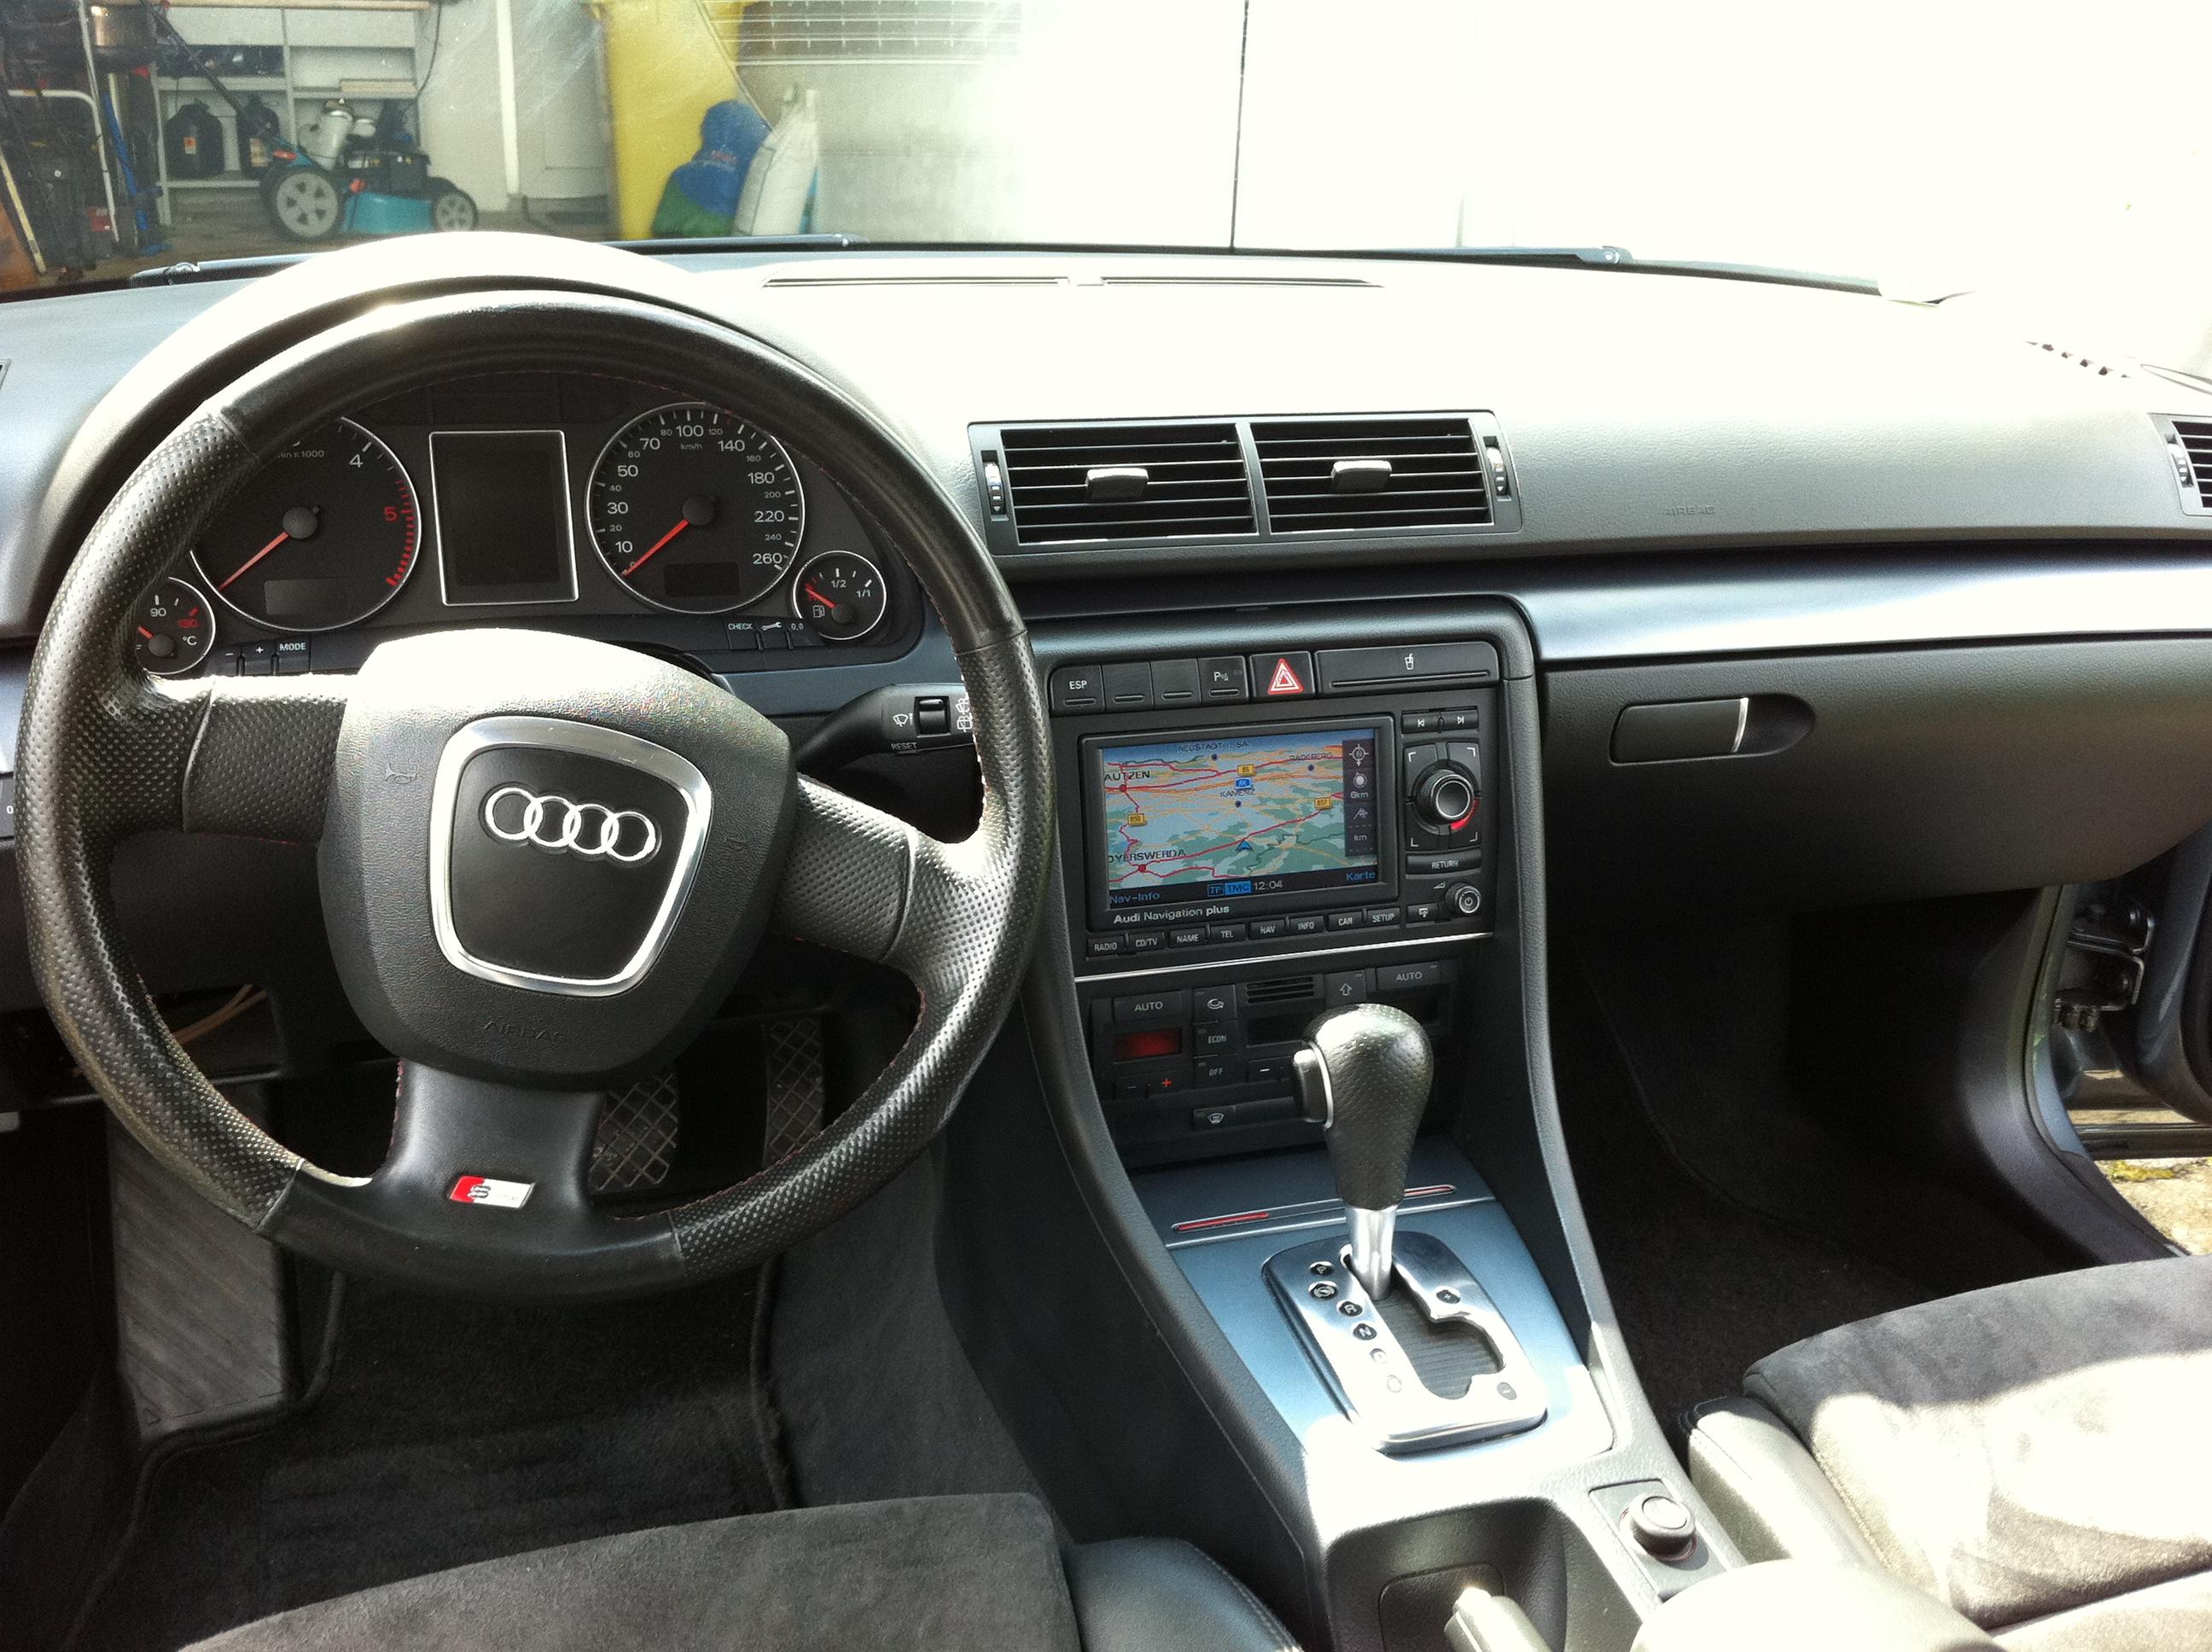 Fuse Box Diagram In Addition 2004 Audi A4 Fuse Box On 08 Jetta Fuse